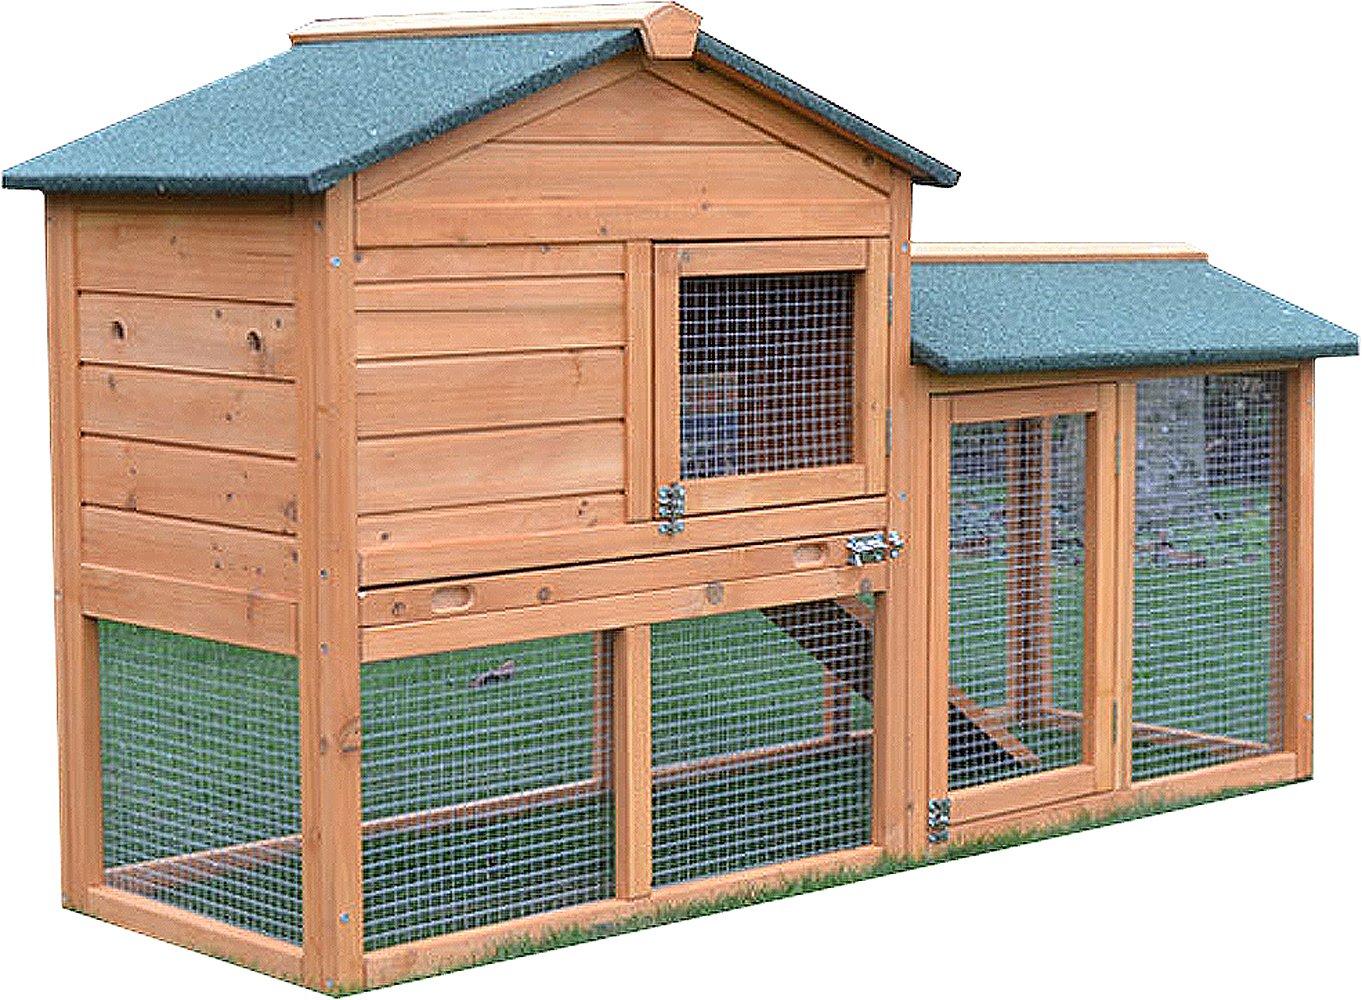 FeelGoodUK Clapier/cage à cochon d'Inde à double étage Tiroir à déjections inclus (BUNNY HOUSE NATURAL)